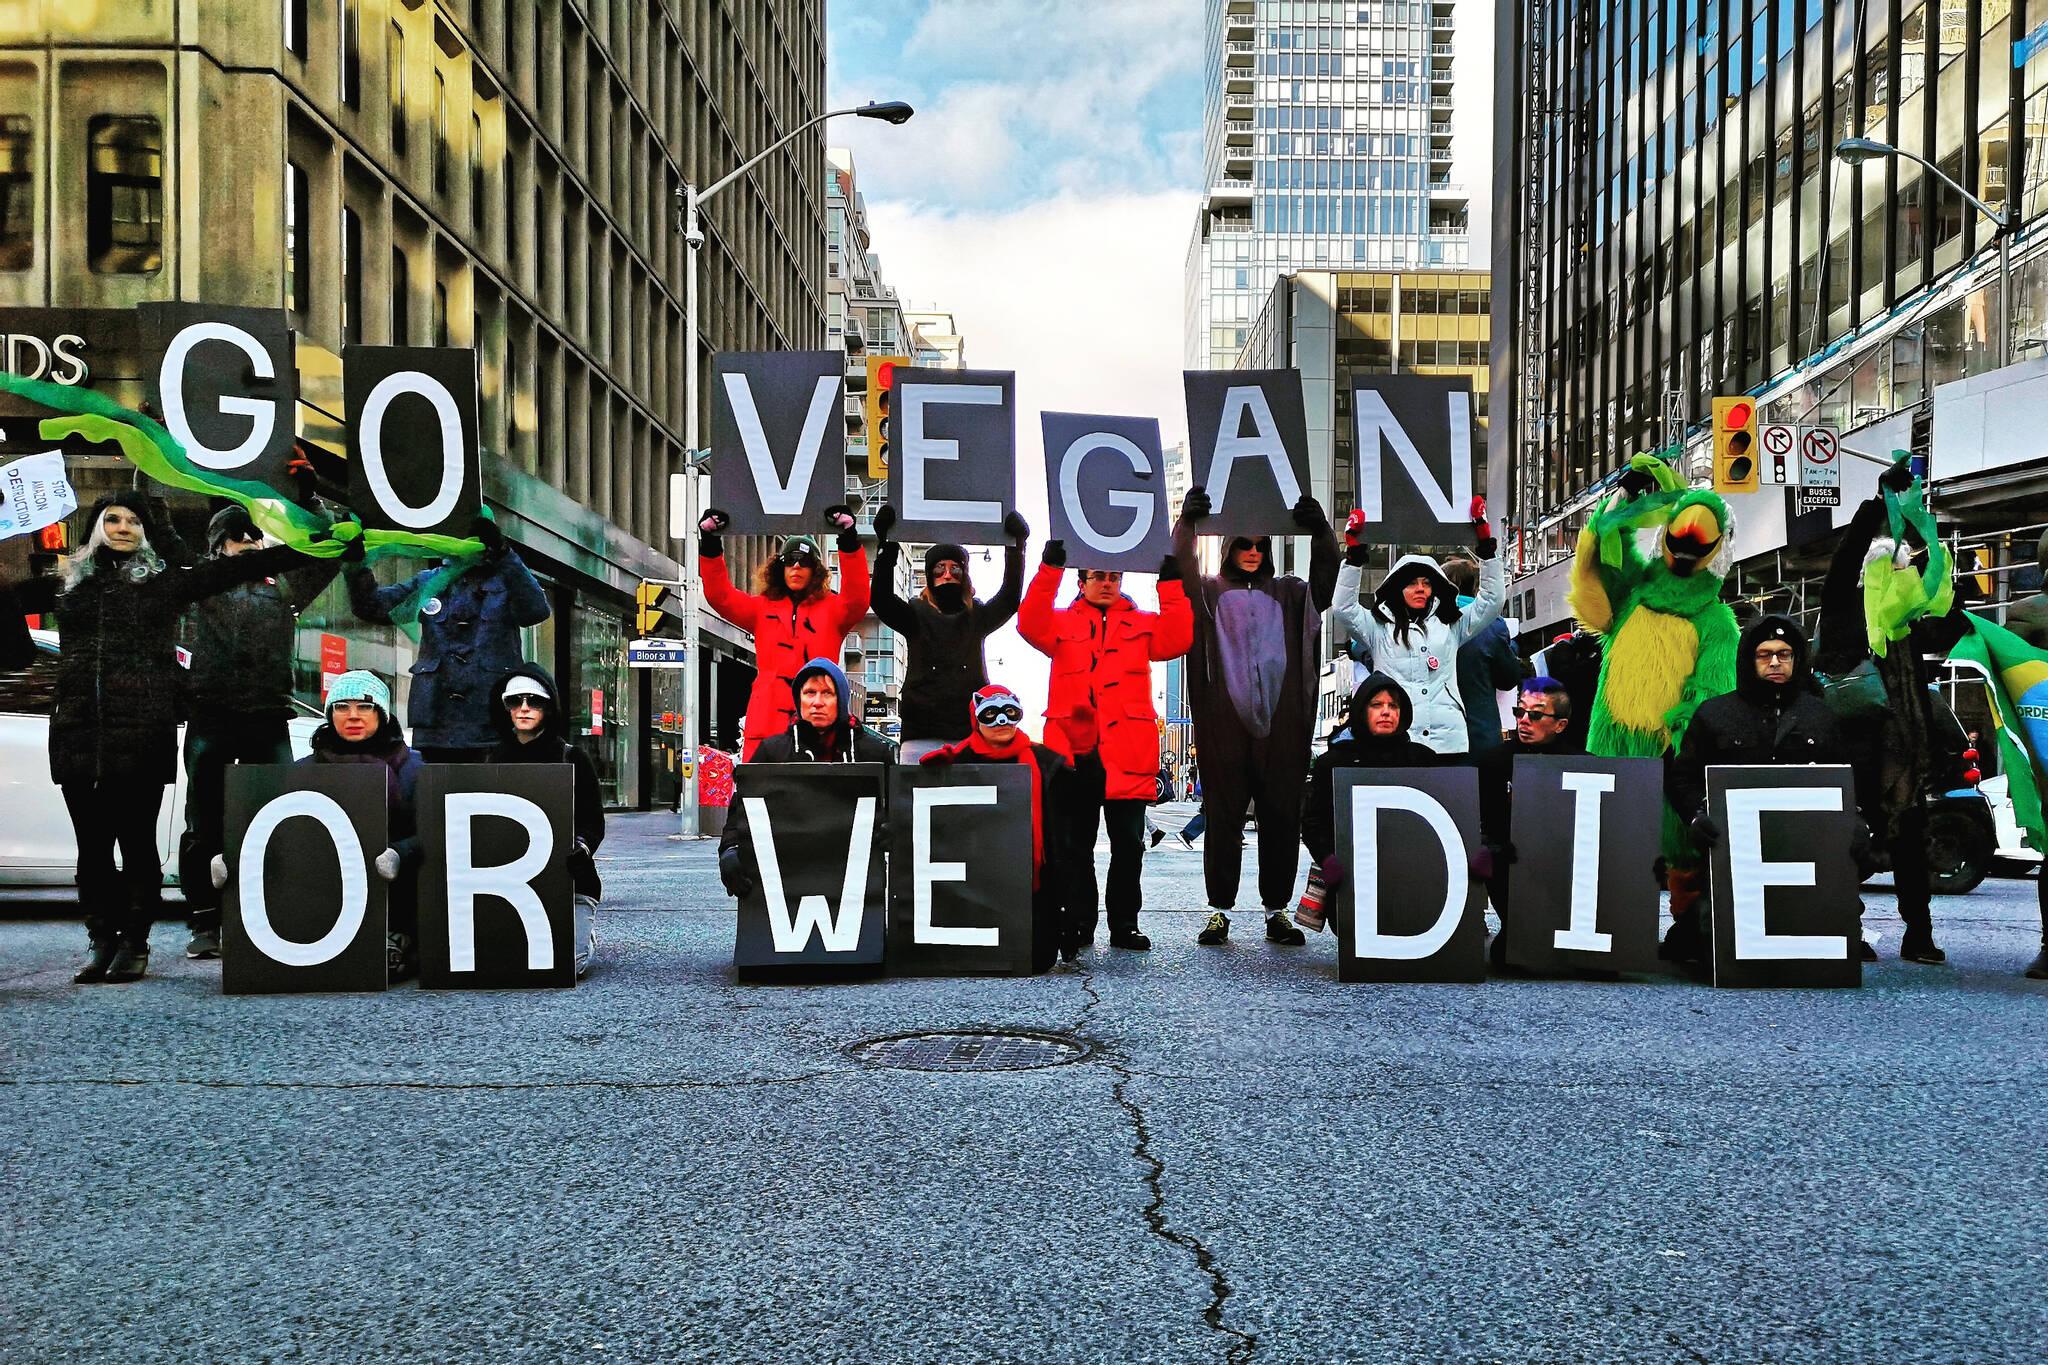 vegan protest Bolsanaro